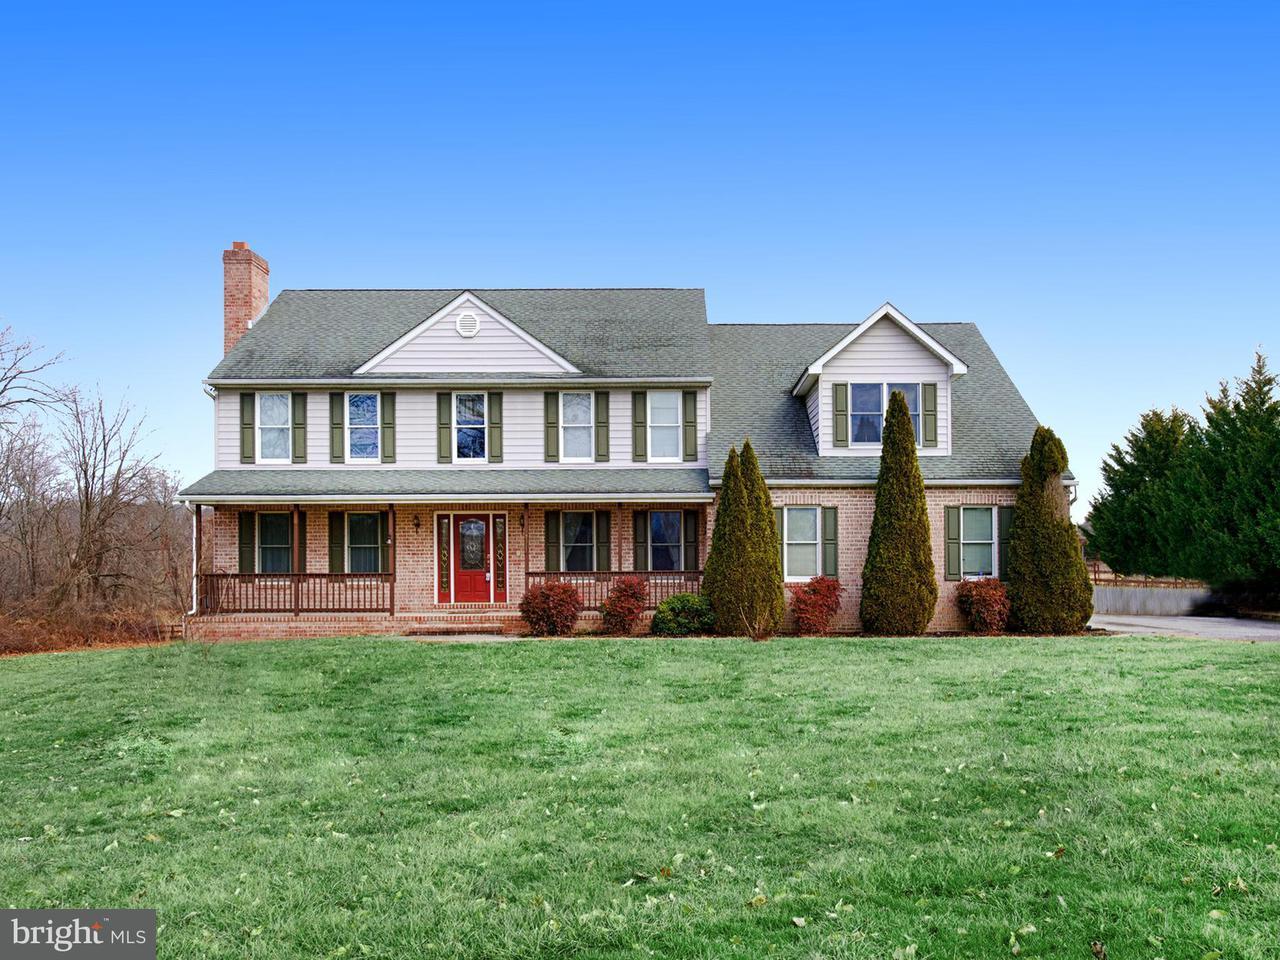 Maison unifamiliale pour l Vente à 521 Asbury Road 521 Asbury Road Churchville, Maryland 21028 États-Unis